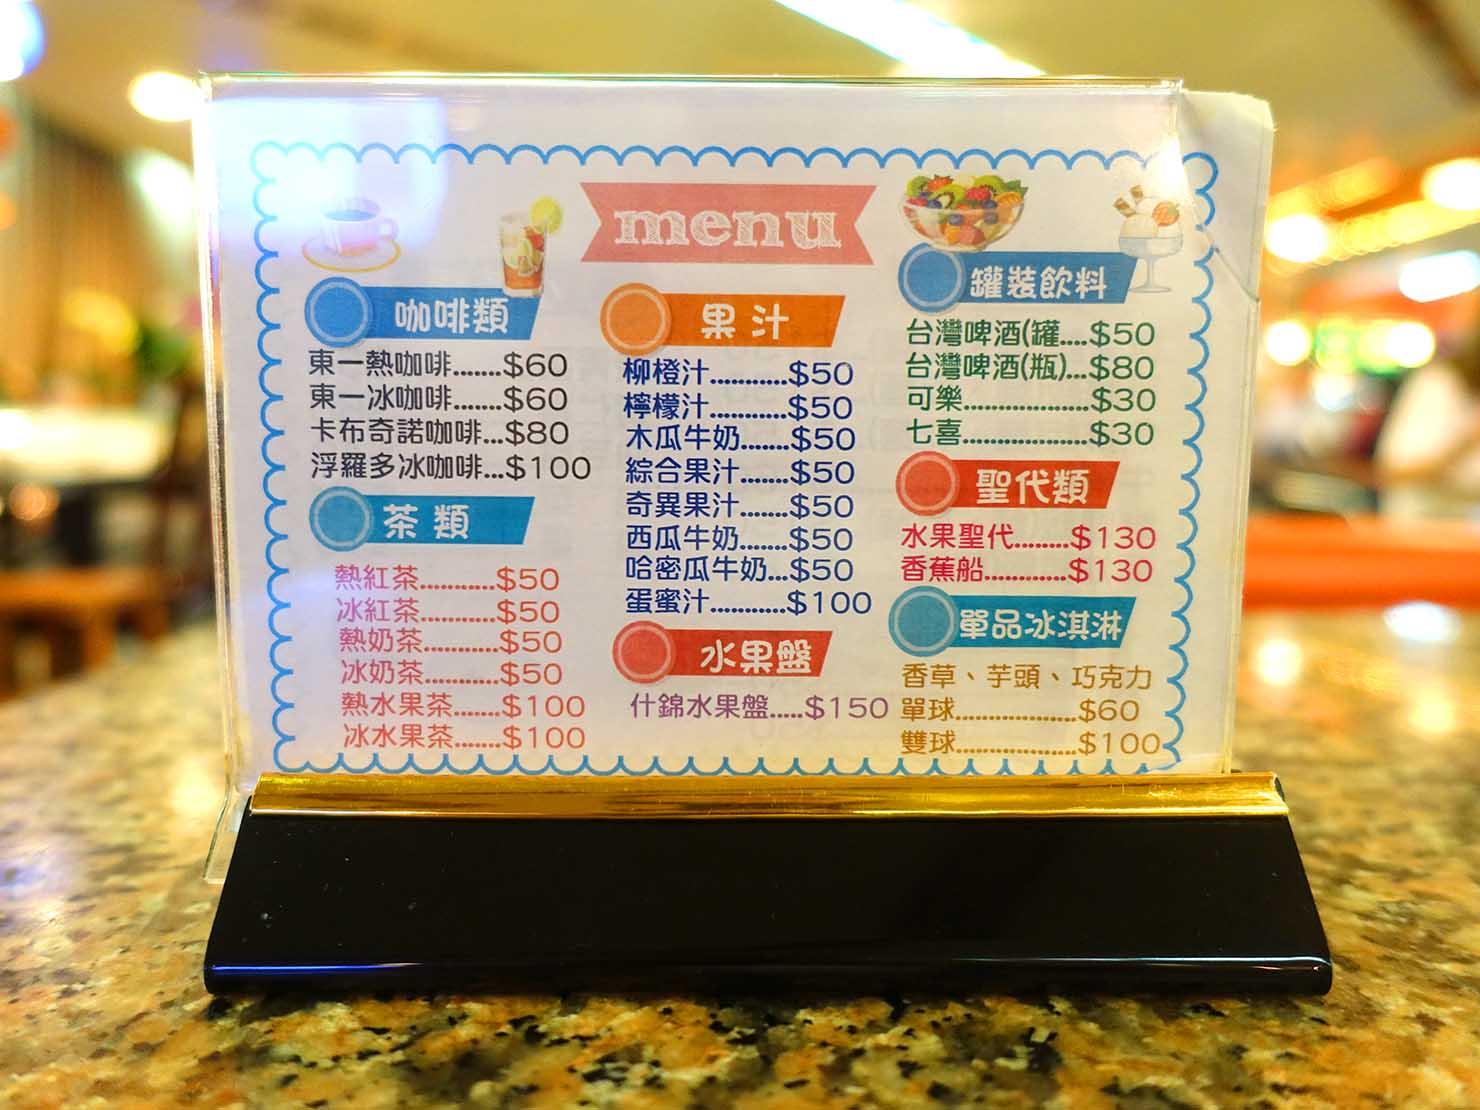 台北・西門町にある排骨飯の老舗「東一排骨總店」の喫茶メニュー